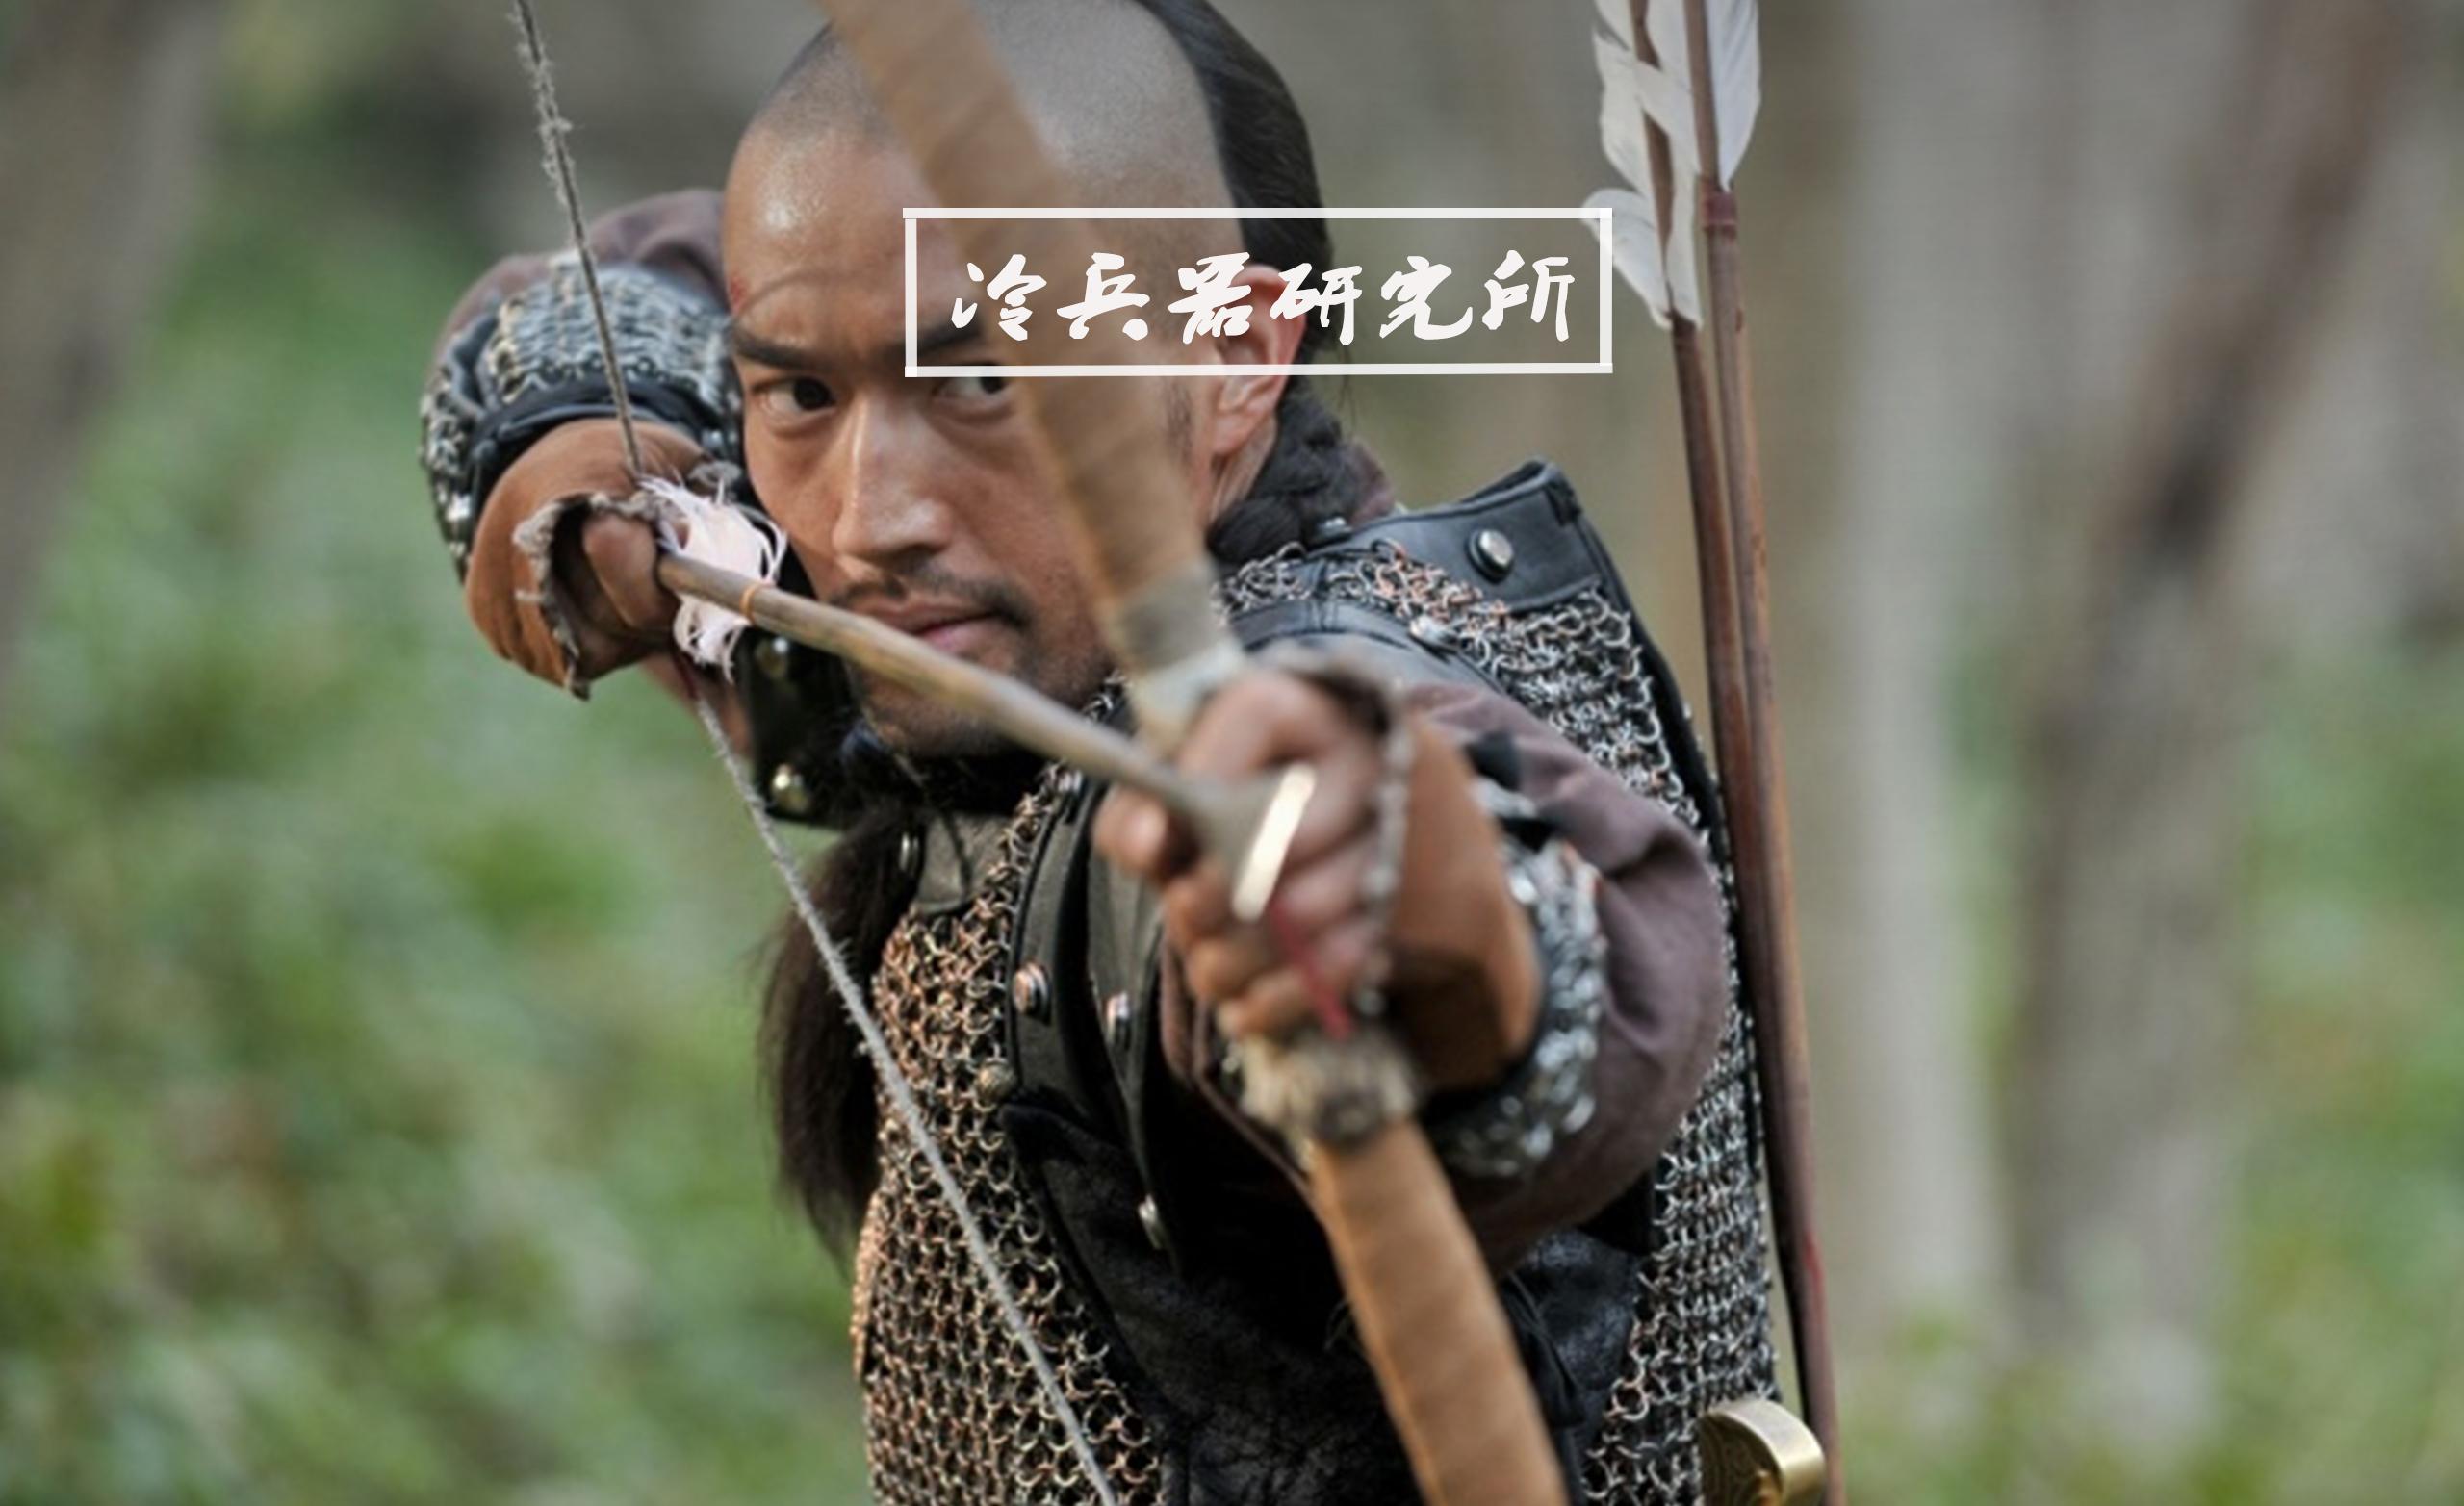 弩比弓强力得多,那为什么古代打仗还有那么多人爱用弓?